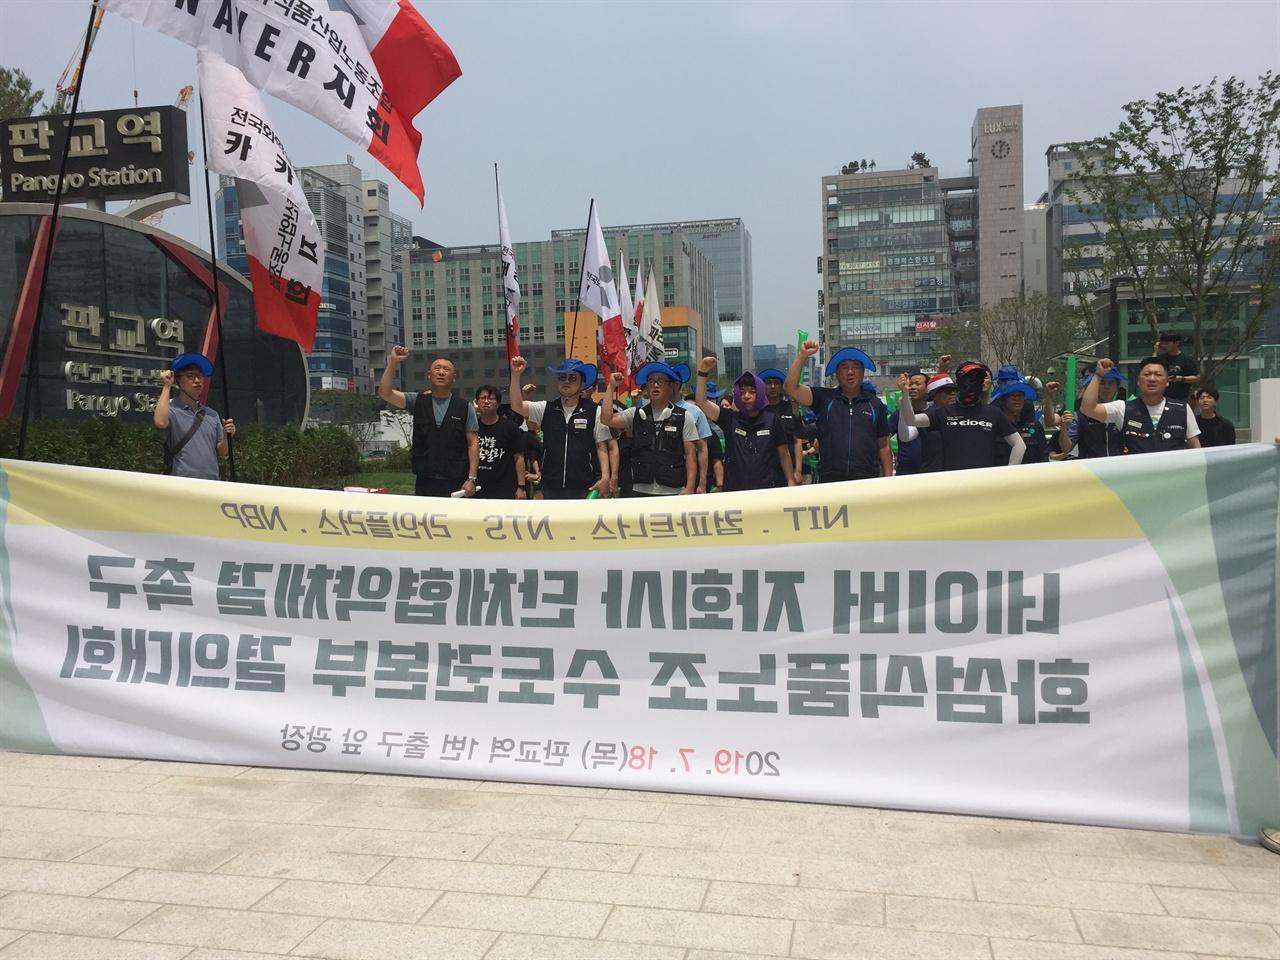 7월 18일 진행한 네이버 자회사 단체협약 체결 촉구 화섬식품노조 수도권지부 결의대회